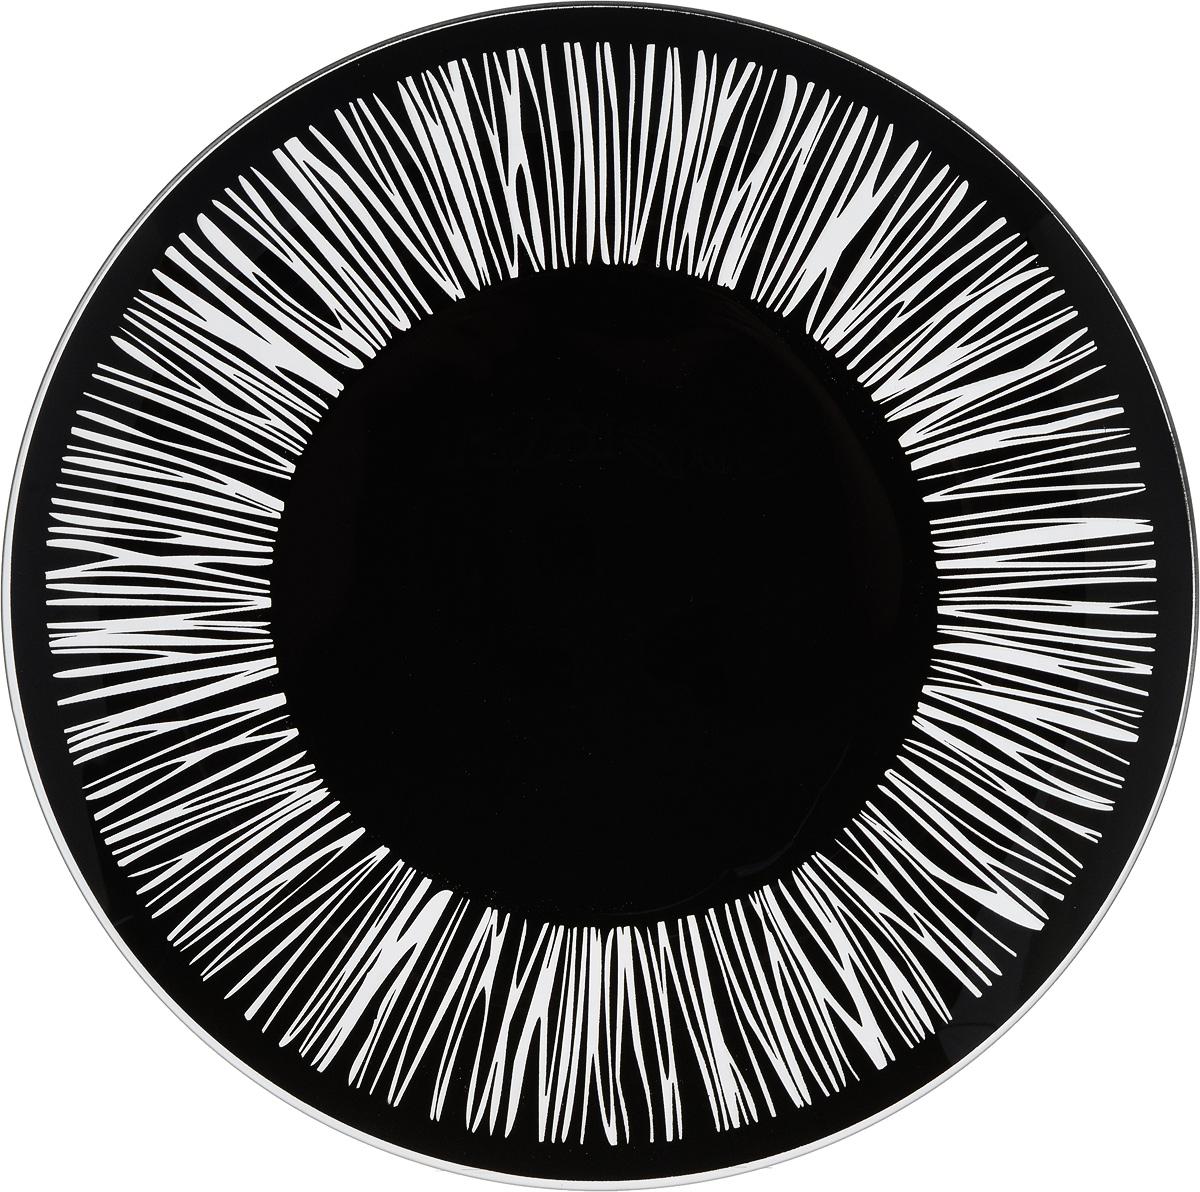 Тарелка NiNaGlass Витас, цвет: черный, диаметр 30 см54 009312Тарелка NiNaGlass Витас выполнена из высококачественного стекла и оформлена оригинальным узором. Тарелка идеальна для сервировки закусок, нарезок, салатов, овощей и фруктов. Она отлично подойдет как для повседневных, так и для торжественных случаев.Такая тарелка прекрасно впишется в интерьер вашей кухни и станет достойным дополнением к кухонному инвентарю.